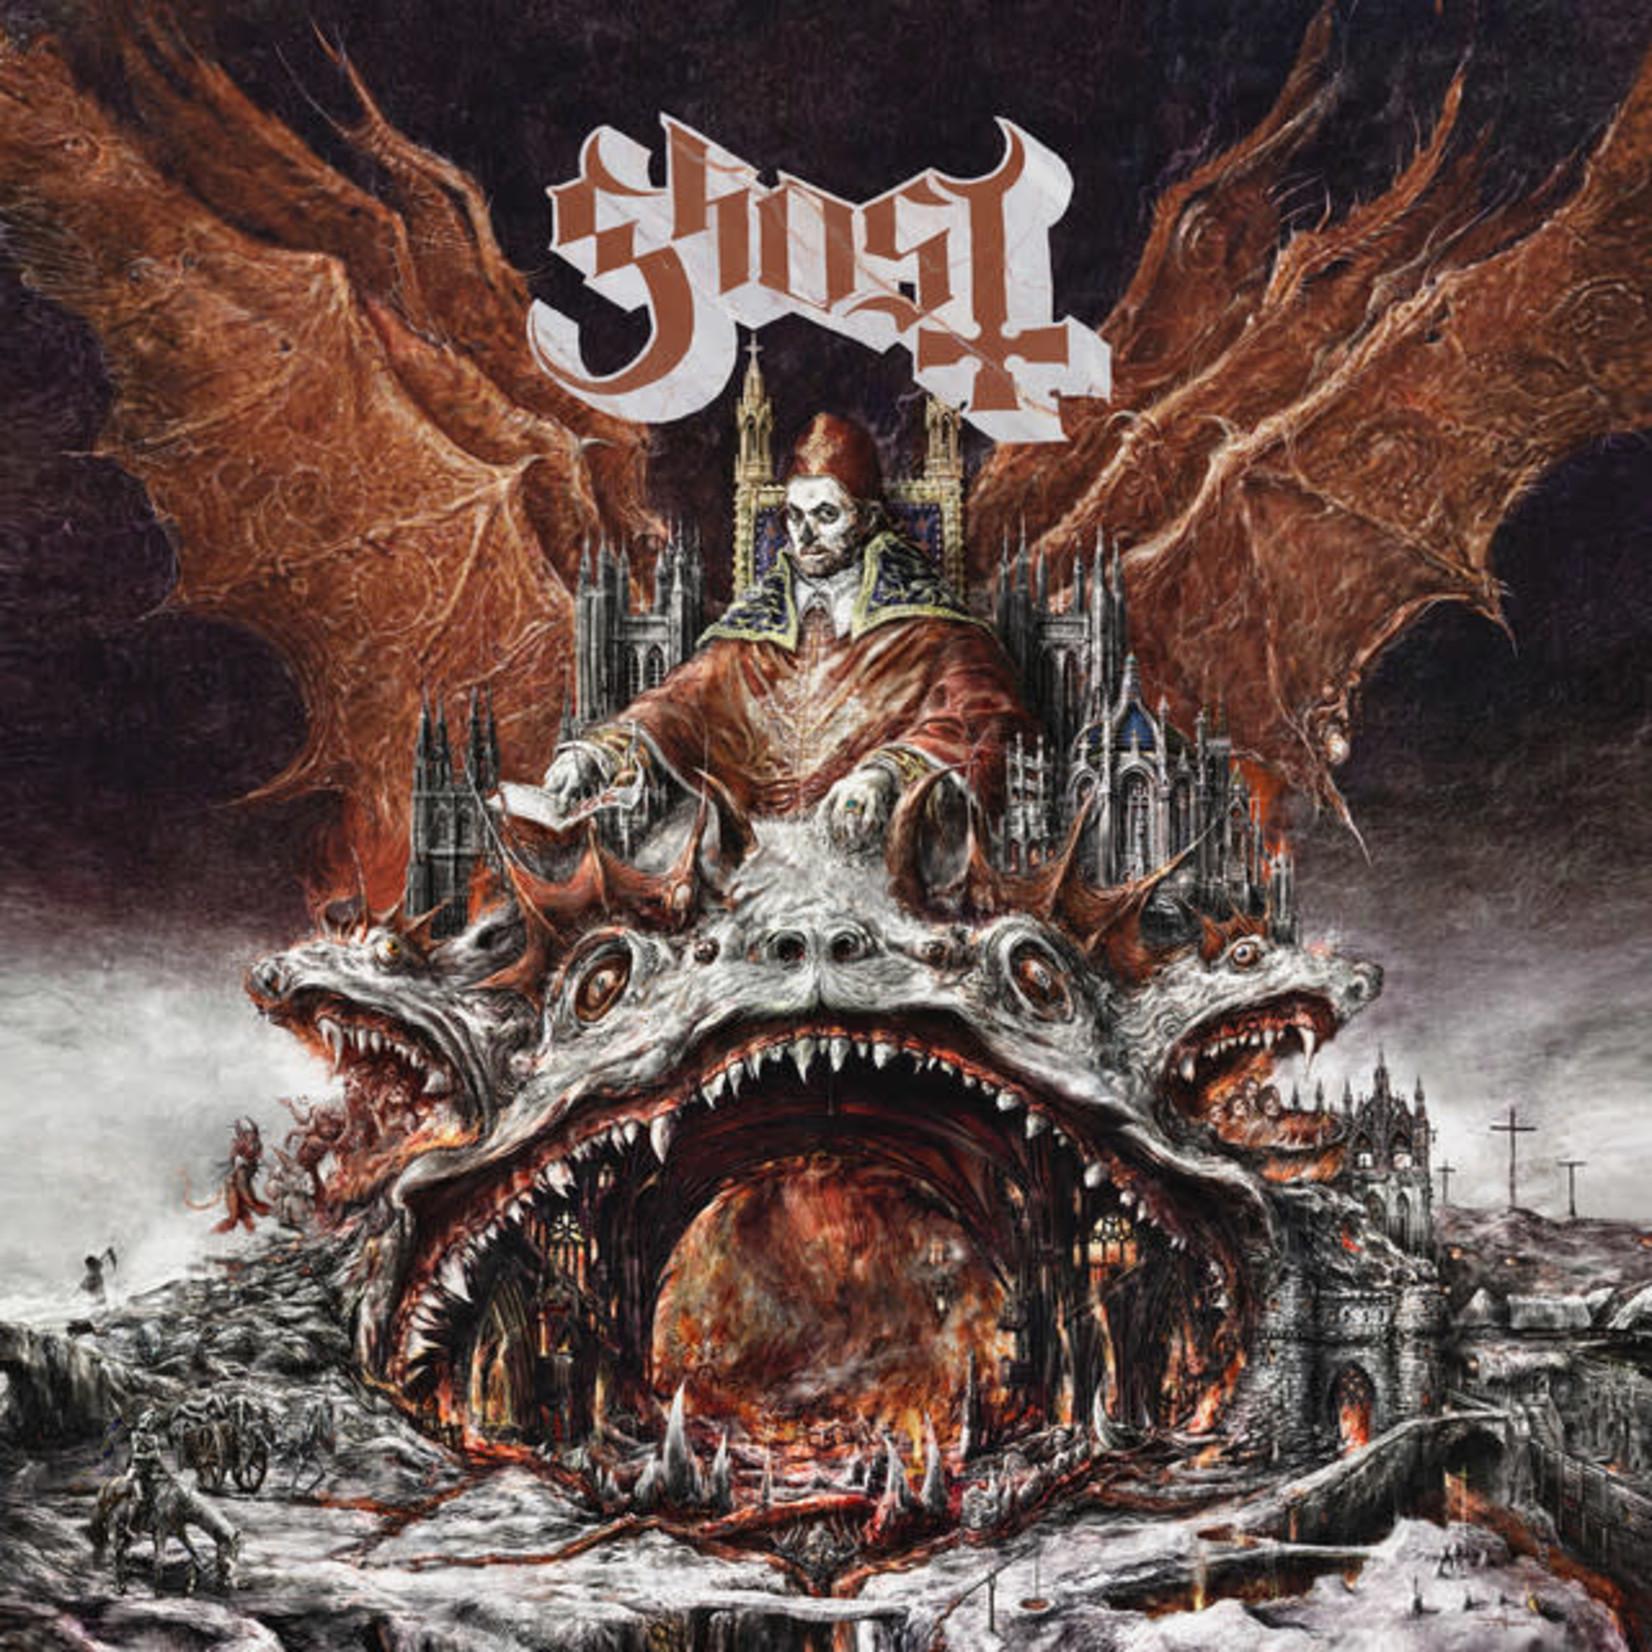 Vinyl Ghost - Prequelle